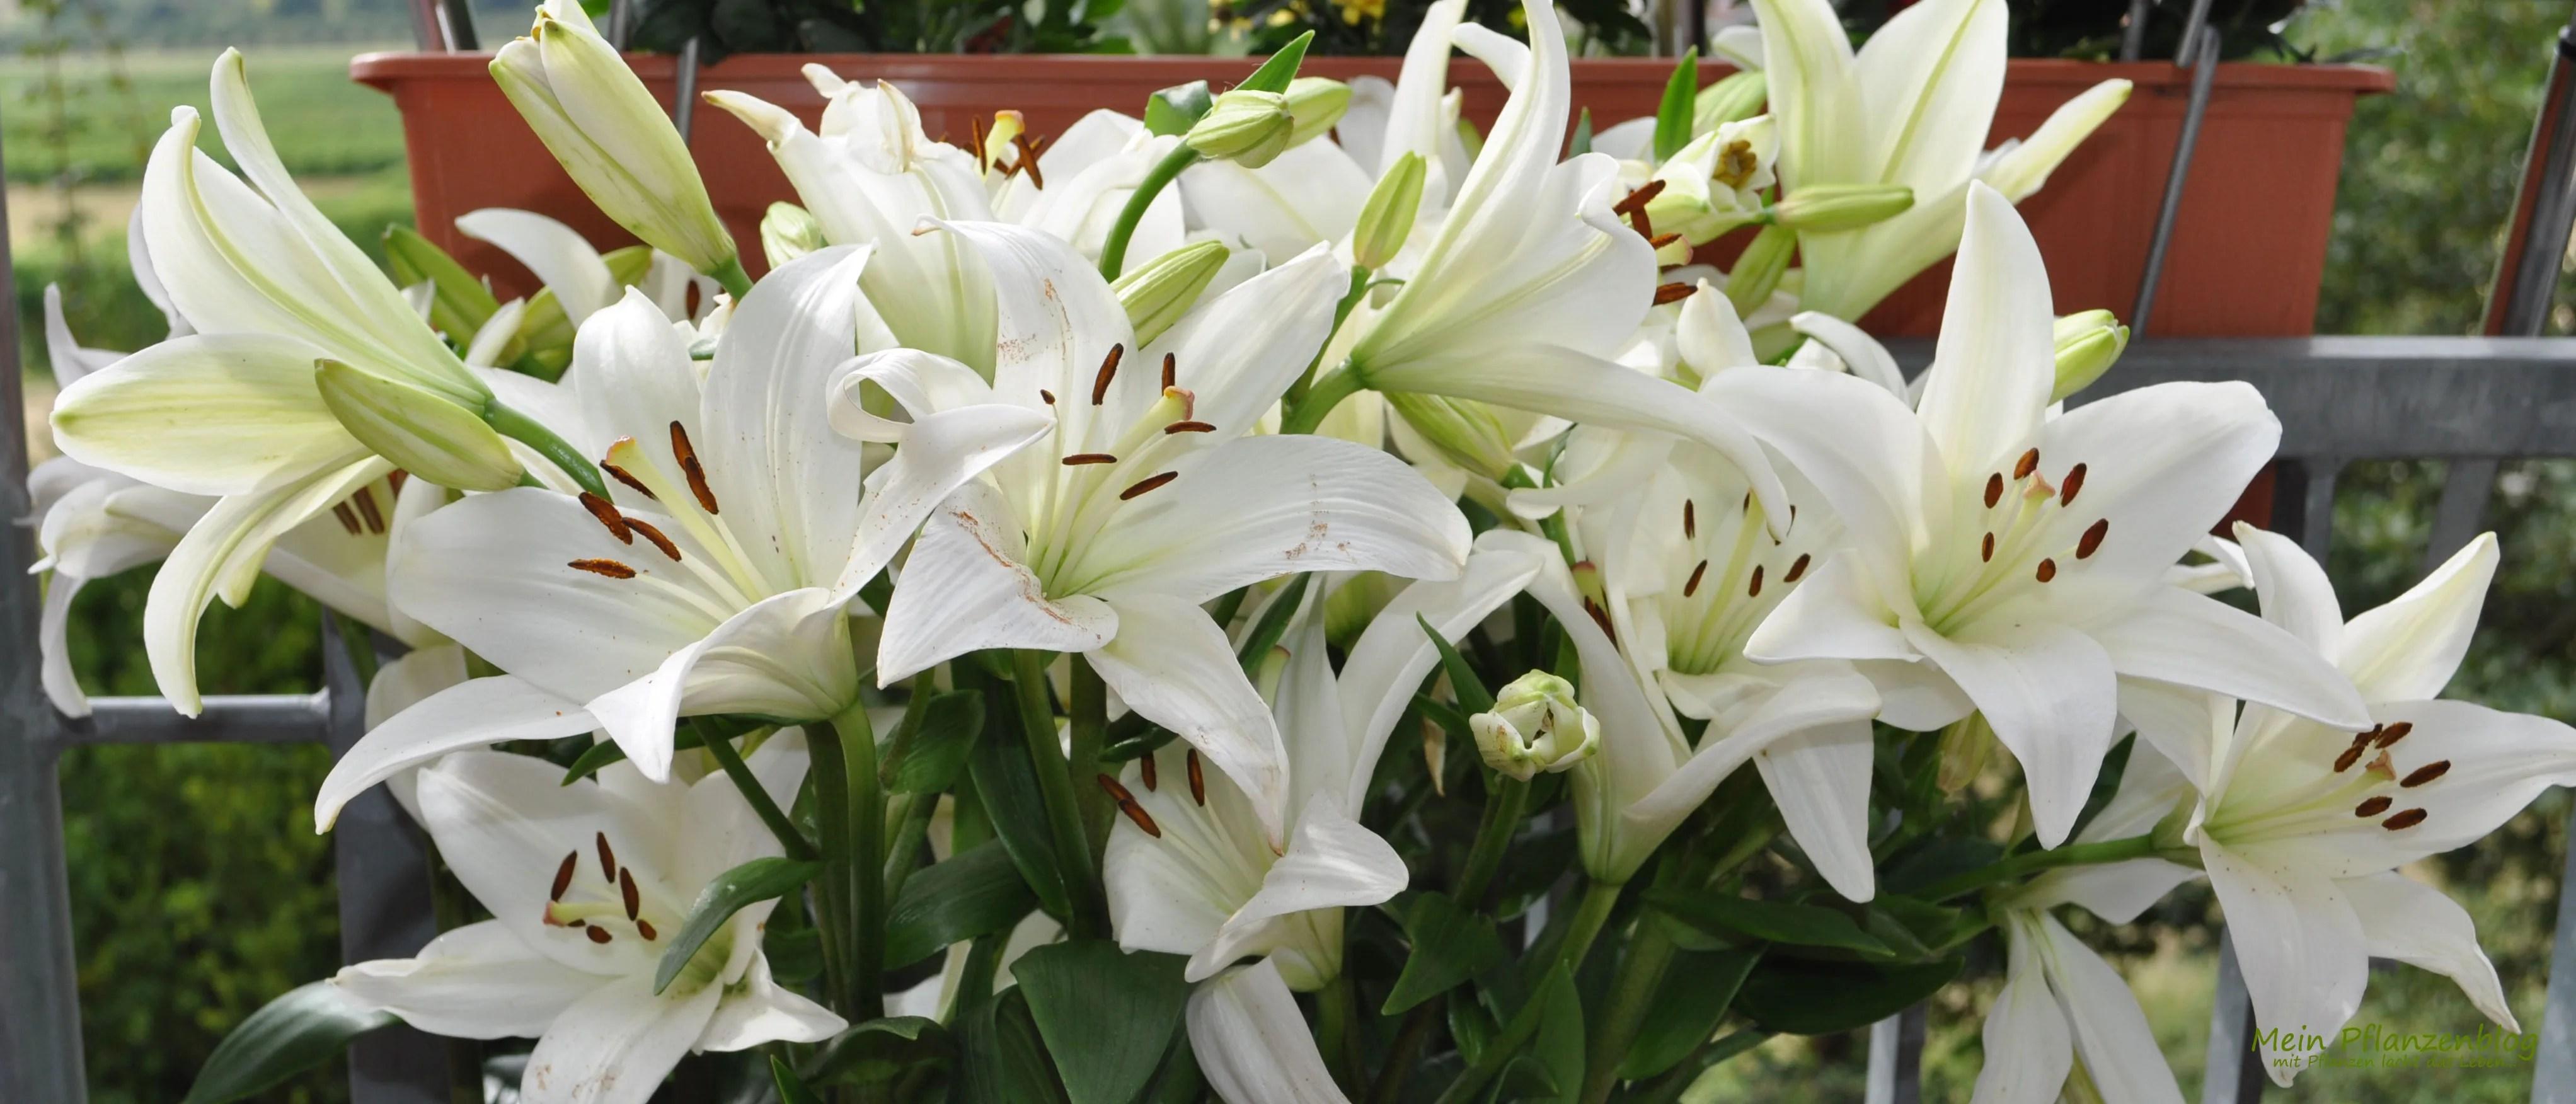 Weie Lilien von LiebevollBlumen  MeinPflanzenblog